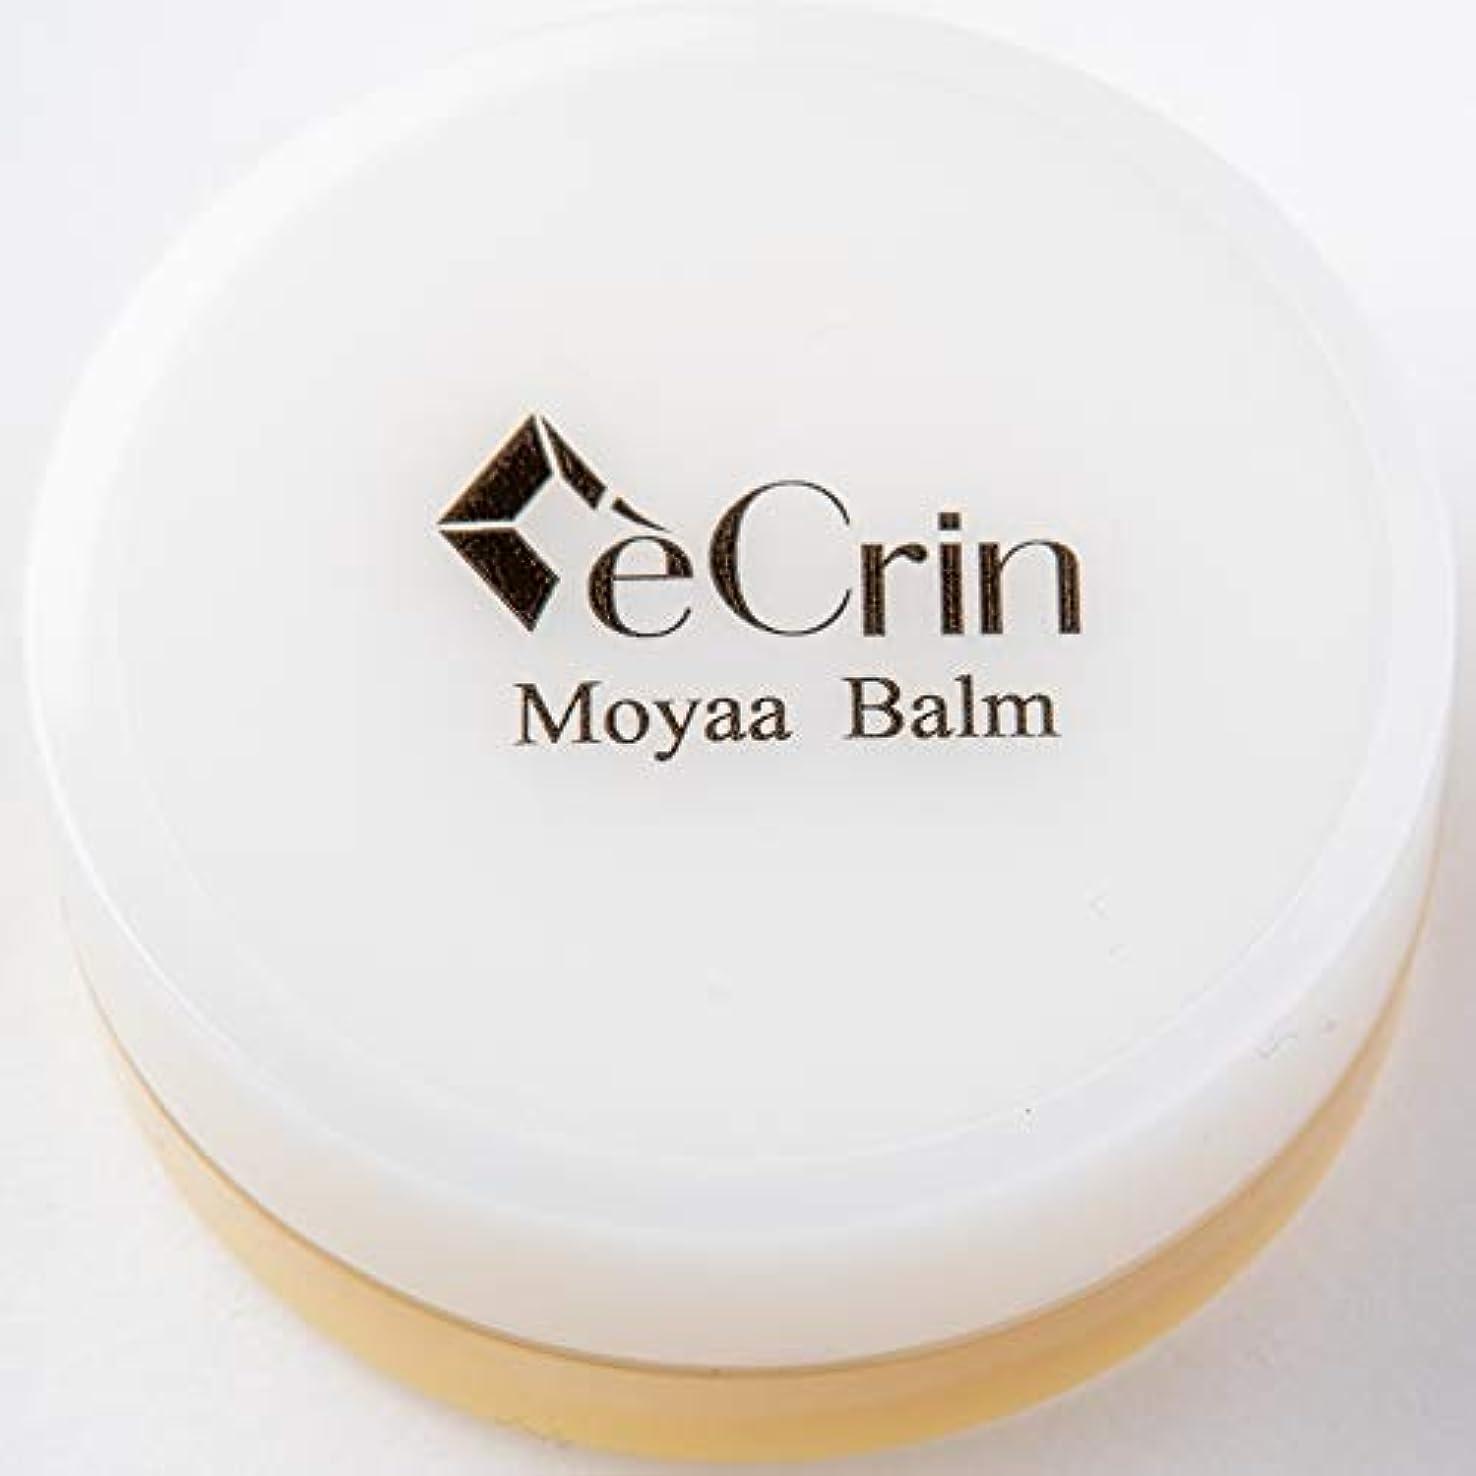 入場アリーナ収容するMoyaa Balm (モーヤバーム)天然成分のみで仕上げたシアバター white 無添加 天然成分100%